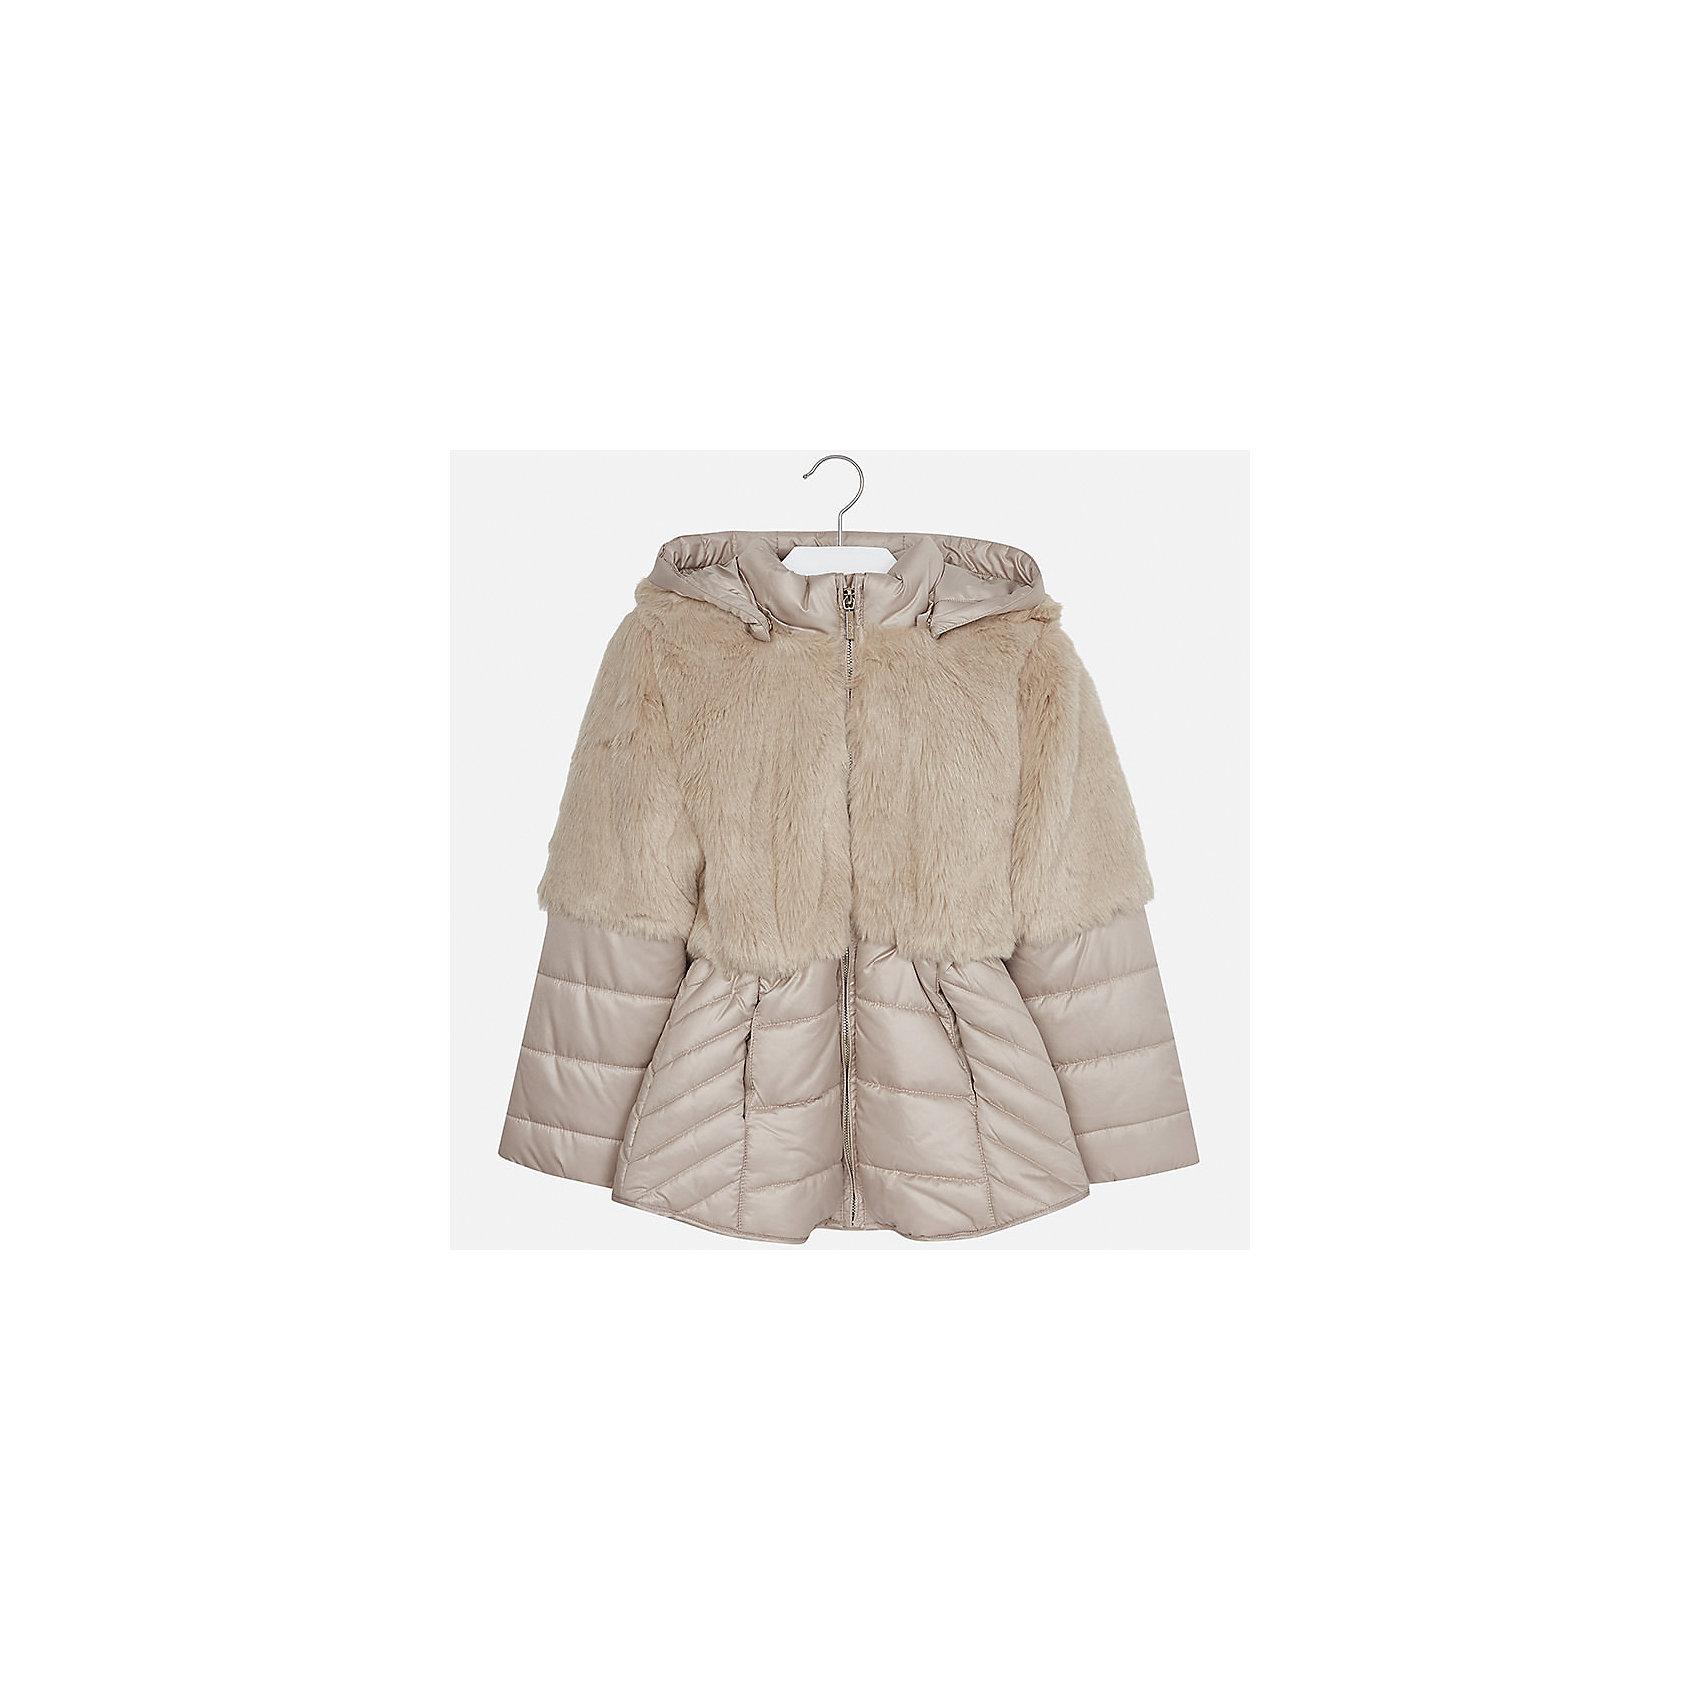 Куртка Mayoral для девочкиВерхняя одежда<br>Характеристики товара:<br><br>• цвет: коричневый<br>• состав ткани: 58% полиэстер, 42% акрил, подклад - 65% полиэстер, 35% хлопок, утеплитель - 100% полиэстер<br>• застежка: молния<br>• длинные рукава<br>• сезон: демисезон<br>• температурный режим: от 0 до -10<br>• страна бренда: Испания<br>• страна изготовитель: Индия<br><br>Коричневая стильная куртка с отделкой из искусственного меха для девочки от Майорал поможет обеспечить тепло и комфорт. Эффектная детская куртка отличается удлиненным силуэтом и наличием капюшона. <br><br>Детская одежда от испанской компании Mayoral отличаются оригинальным и всегда стильным дизайном. Качество продукции неизменно очень высокое.<br><br>Куртку для девочки Mayoral (Майорал) можно купить в нашем интернет-магазине.<br><br>Ширина мм: 356<br>Глубина мм: 10<br>Высота мм: 245<br>Вес г: 519<br>Цвет: коричневый<br>Возраст от месяцев: 168<br>Возраст до месяцев: 180<br>Пол: Женский<br>Возраст: Детский<br>Размер: 170,164,158,152,140,128/134<br>SKU: 6922059